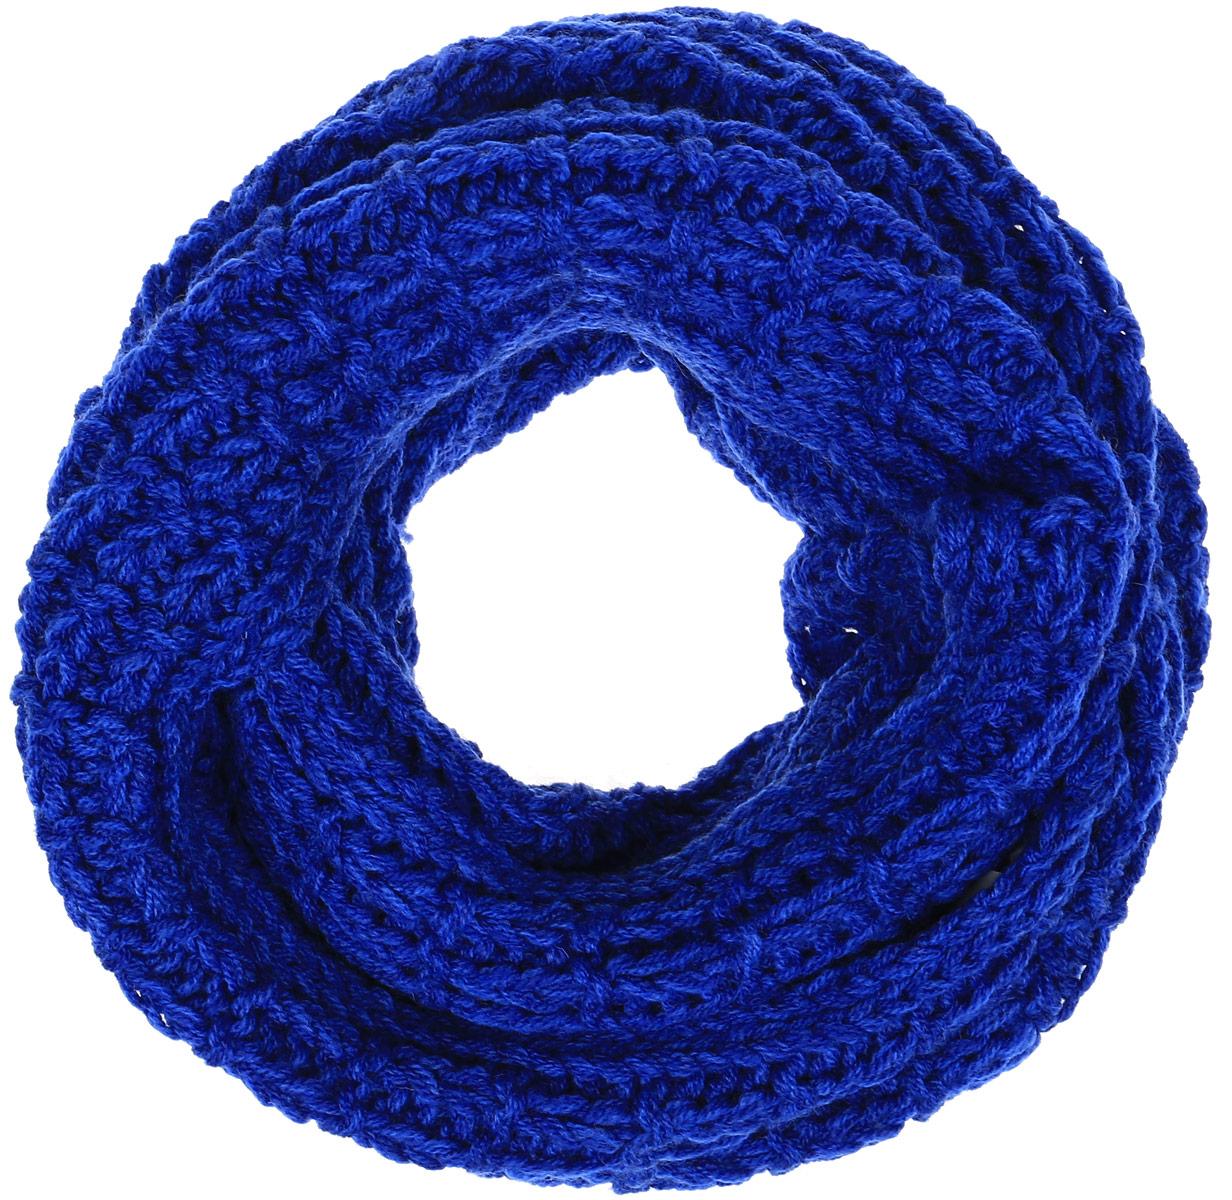 Снуд-хомутB330_MAJOLICA BLUEЖенский вязаный снуд-хомут Baon выполнен из высококачественной пряжи из шерсти и акрила. Модель связана кольцом и имеет крупную свободную вязку